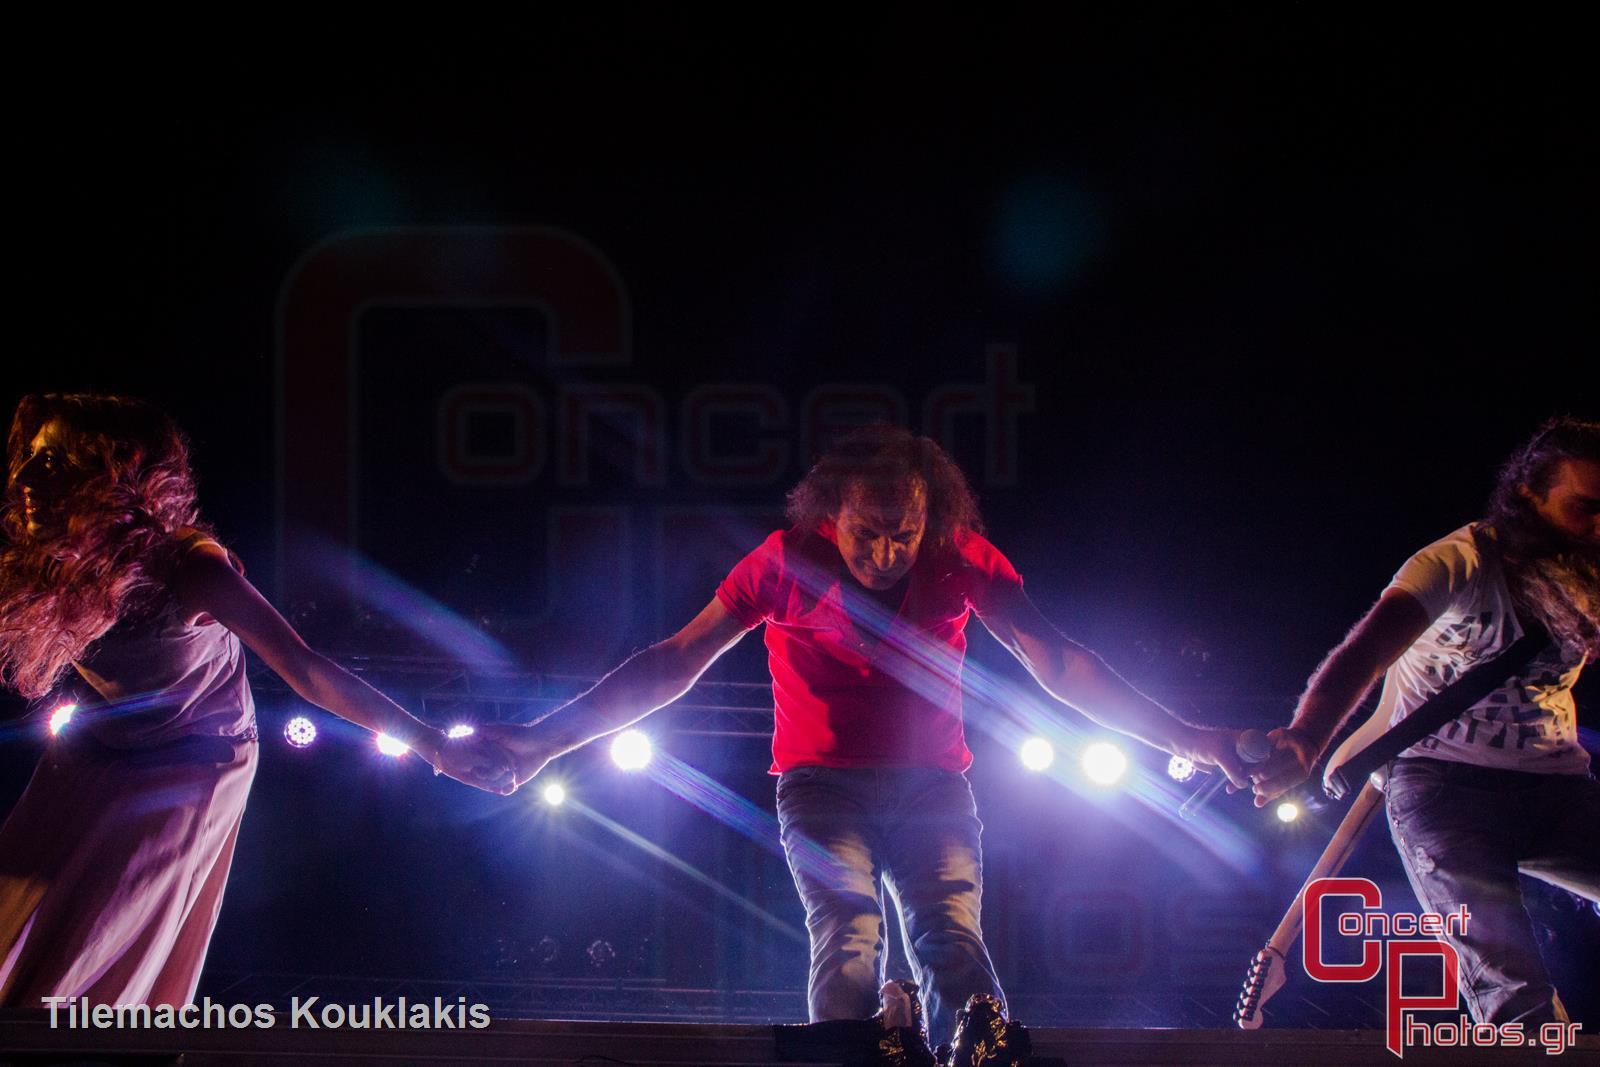 Βασίλης Παπακωνσταντίνου - 40 Χρόνια Έφηβος-Vasilis Papakonstantinou 40 Chronia Efivos photographer: Tilemachos Kouklakis - concertphotos_-5389